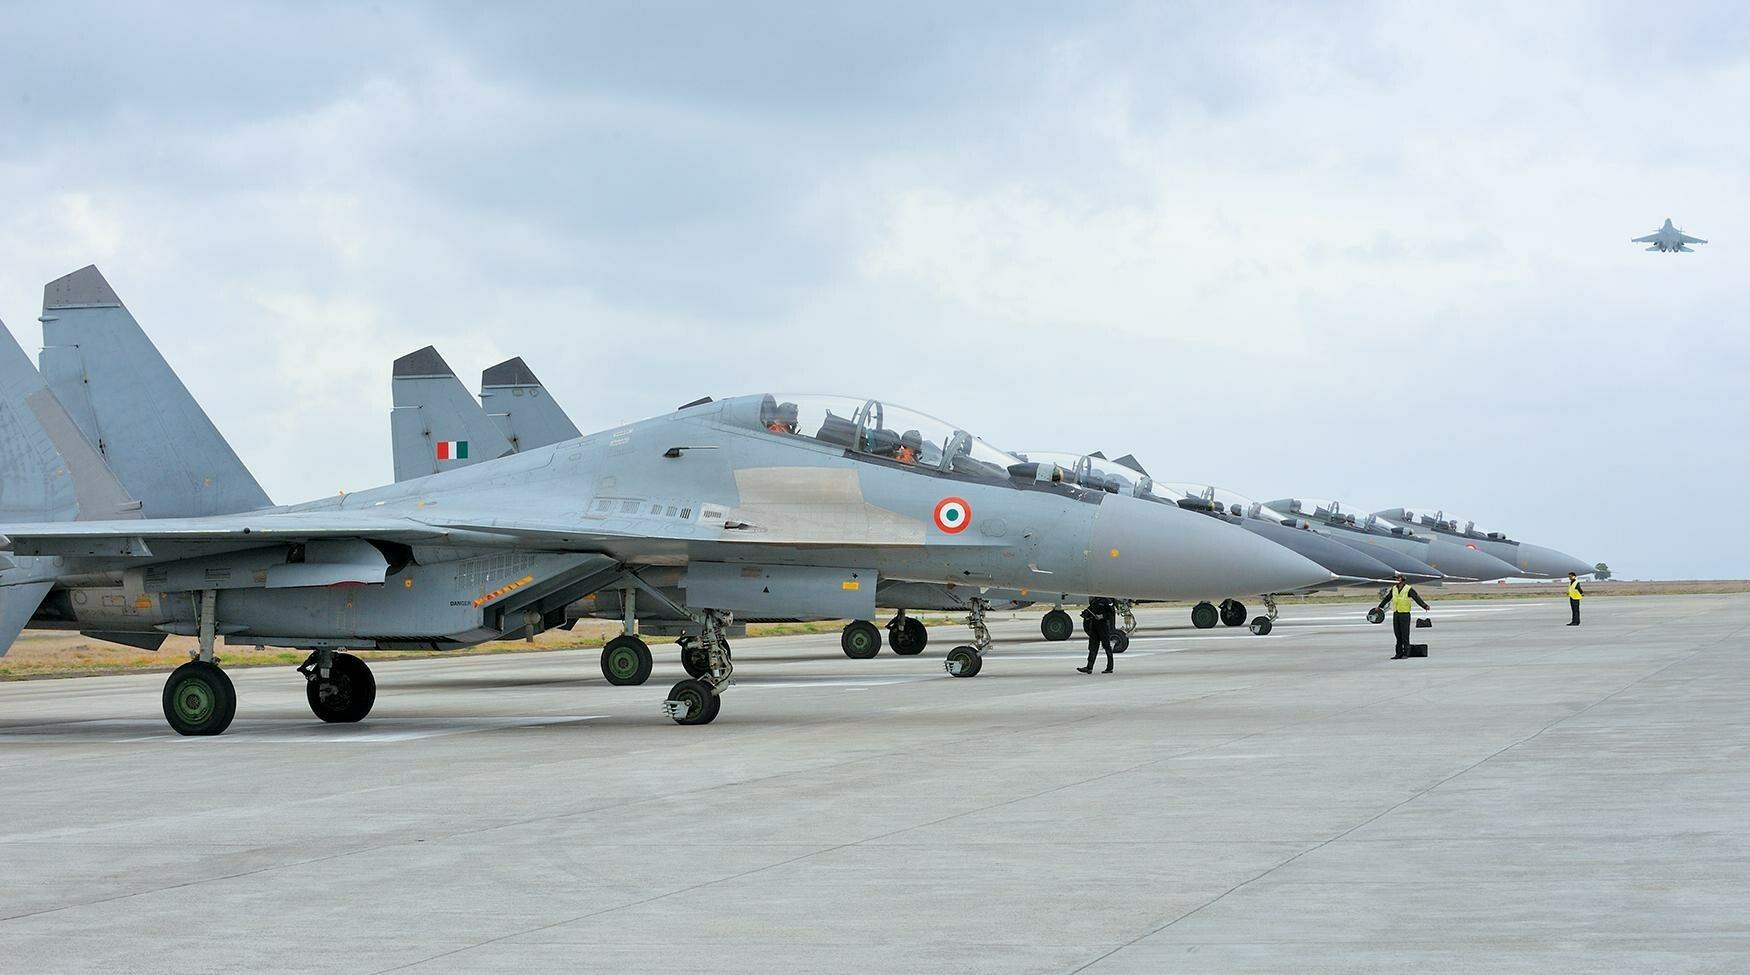 Минобороны Индии одобрило закупку самолетов МиГ-29 и Су-30 МКИ у России